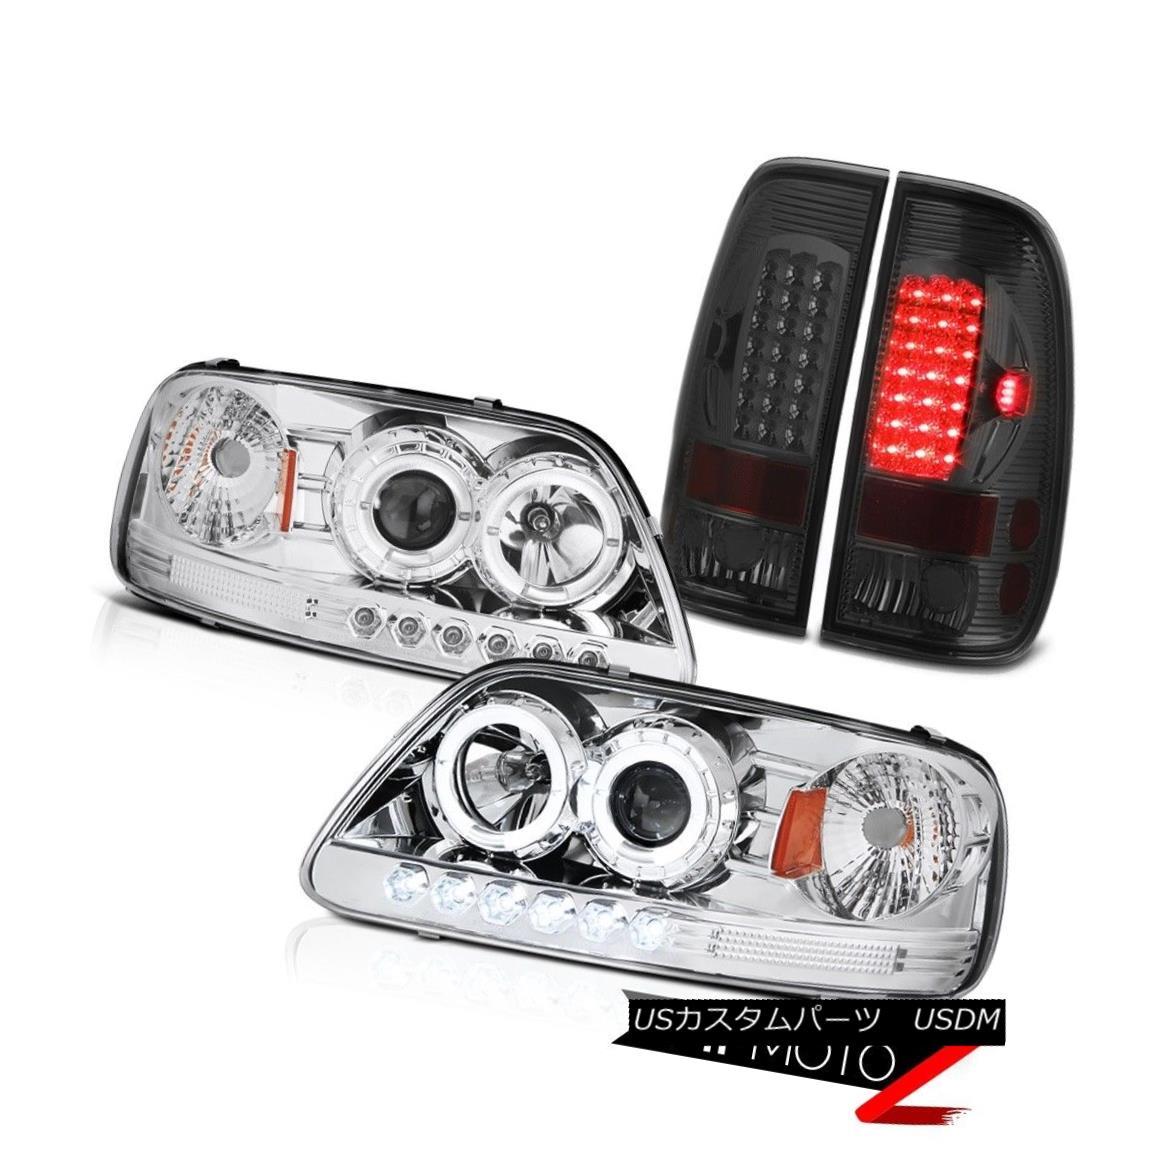 ヘッドライト F150 Lariat 97-03 Clear Halo Angel Eye Headlights Signal Parking Tail Lights Set F150ラリアート97-03クリアヘリオエンジェルアイヘッドライトシグナルパーキングテールライトセット